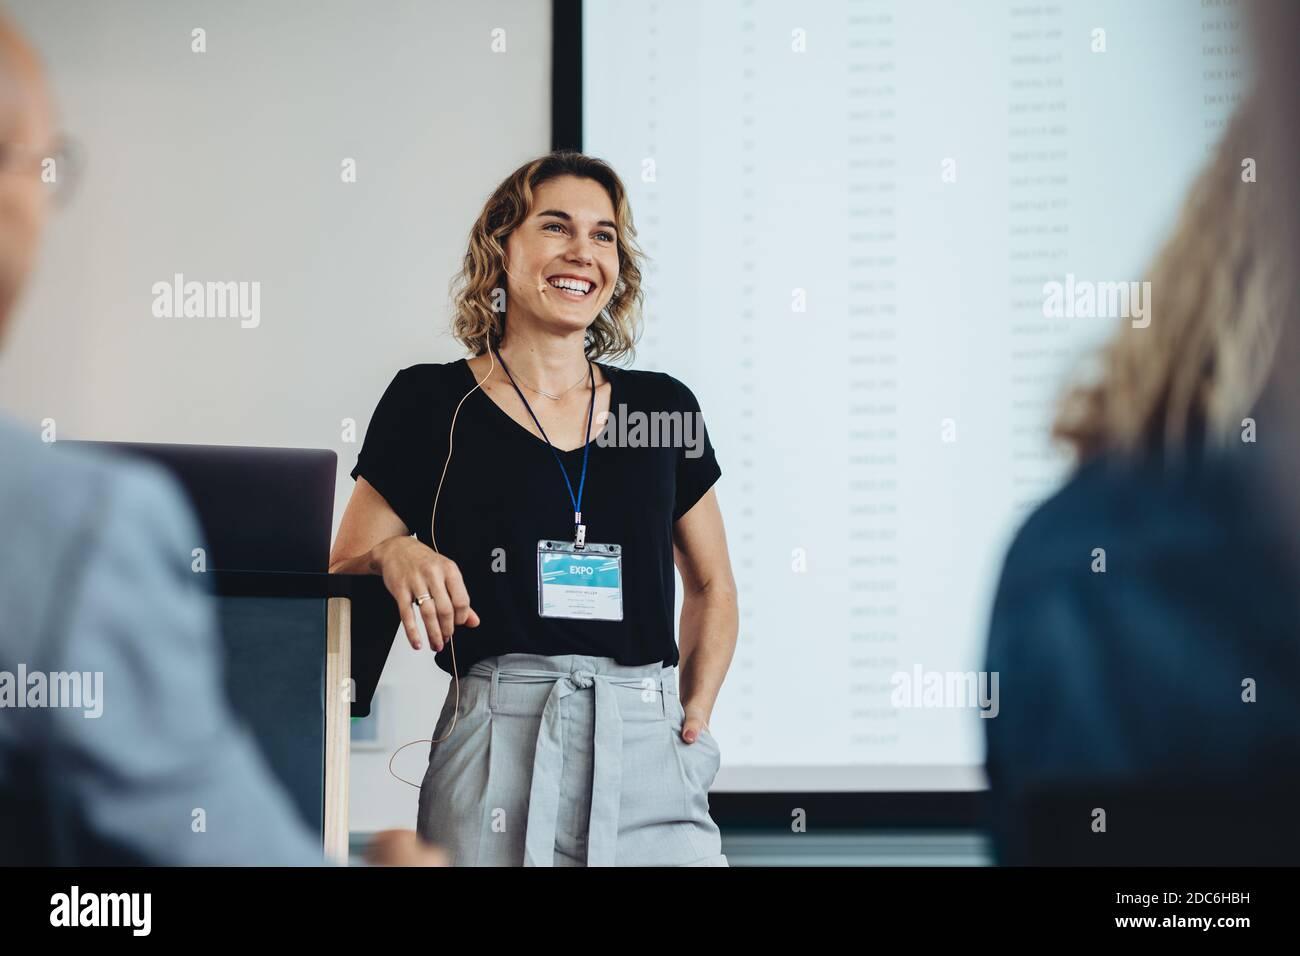 Femme d'affaires souriante qui prononce un discours lors d'une conférence. Présentation professionnelle réussie. Banque D'Images